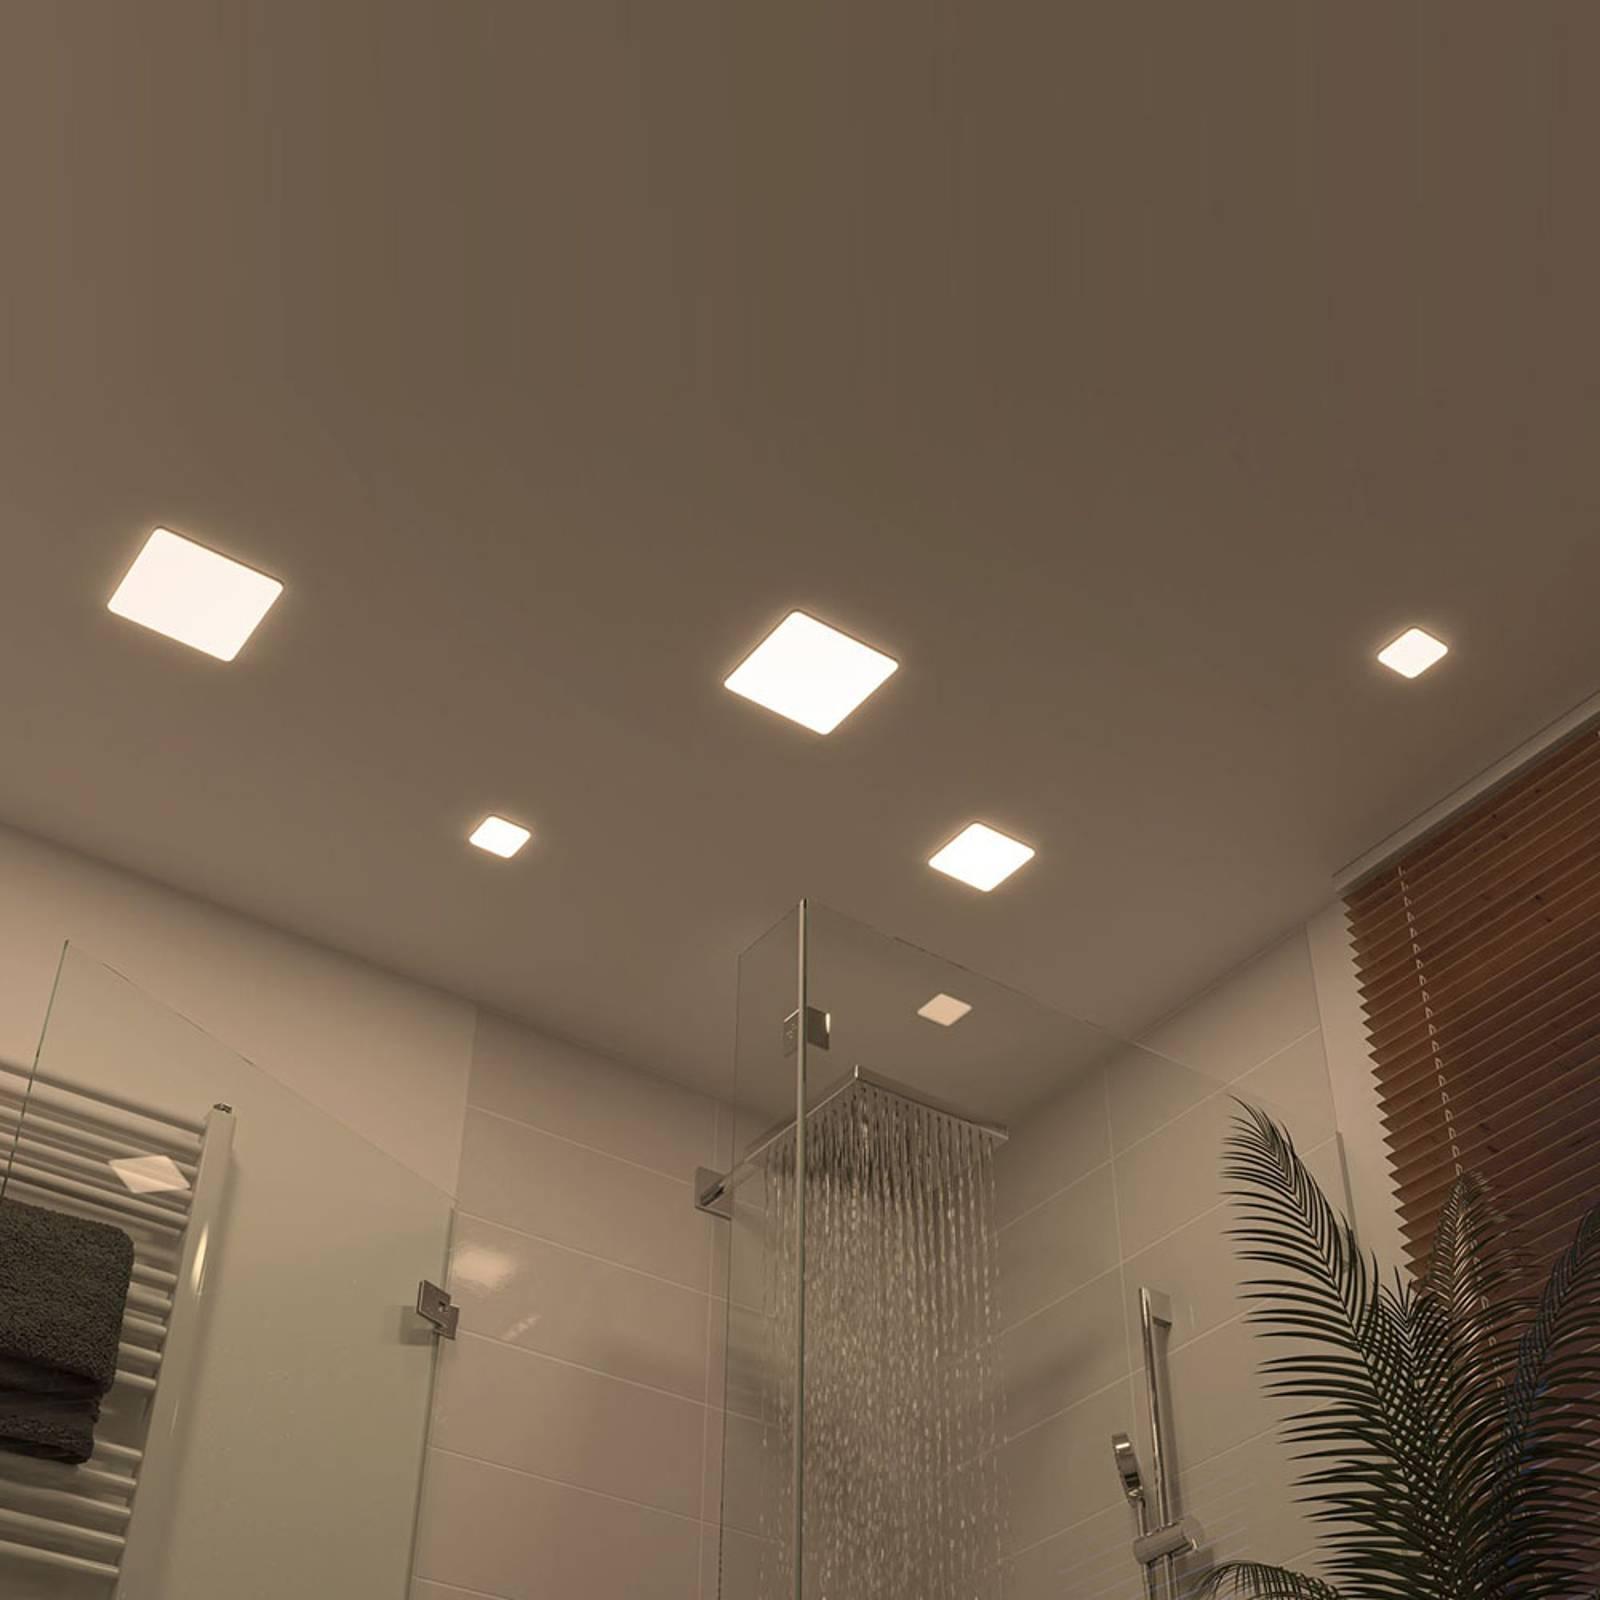 Paulmann Veluna -LED-uppovalo 4 000 K 18,5 x 18,5